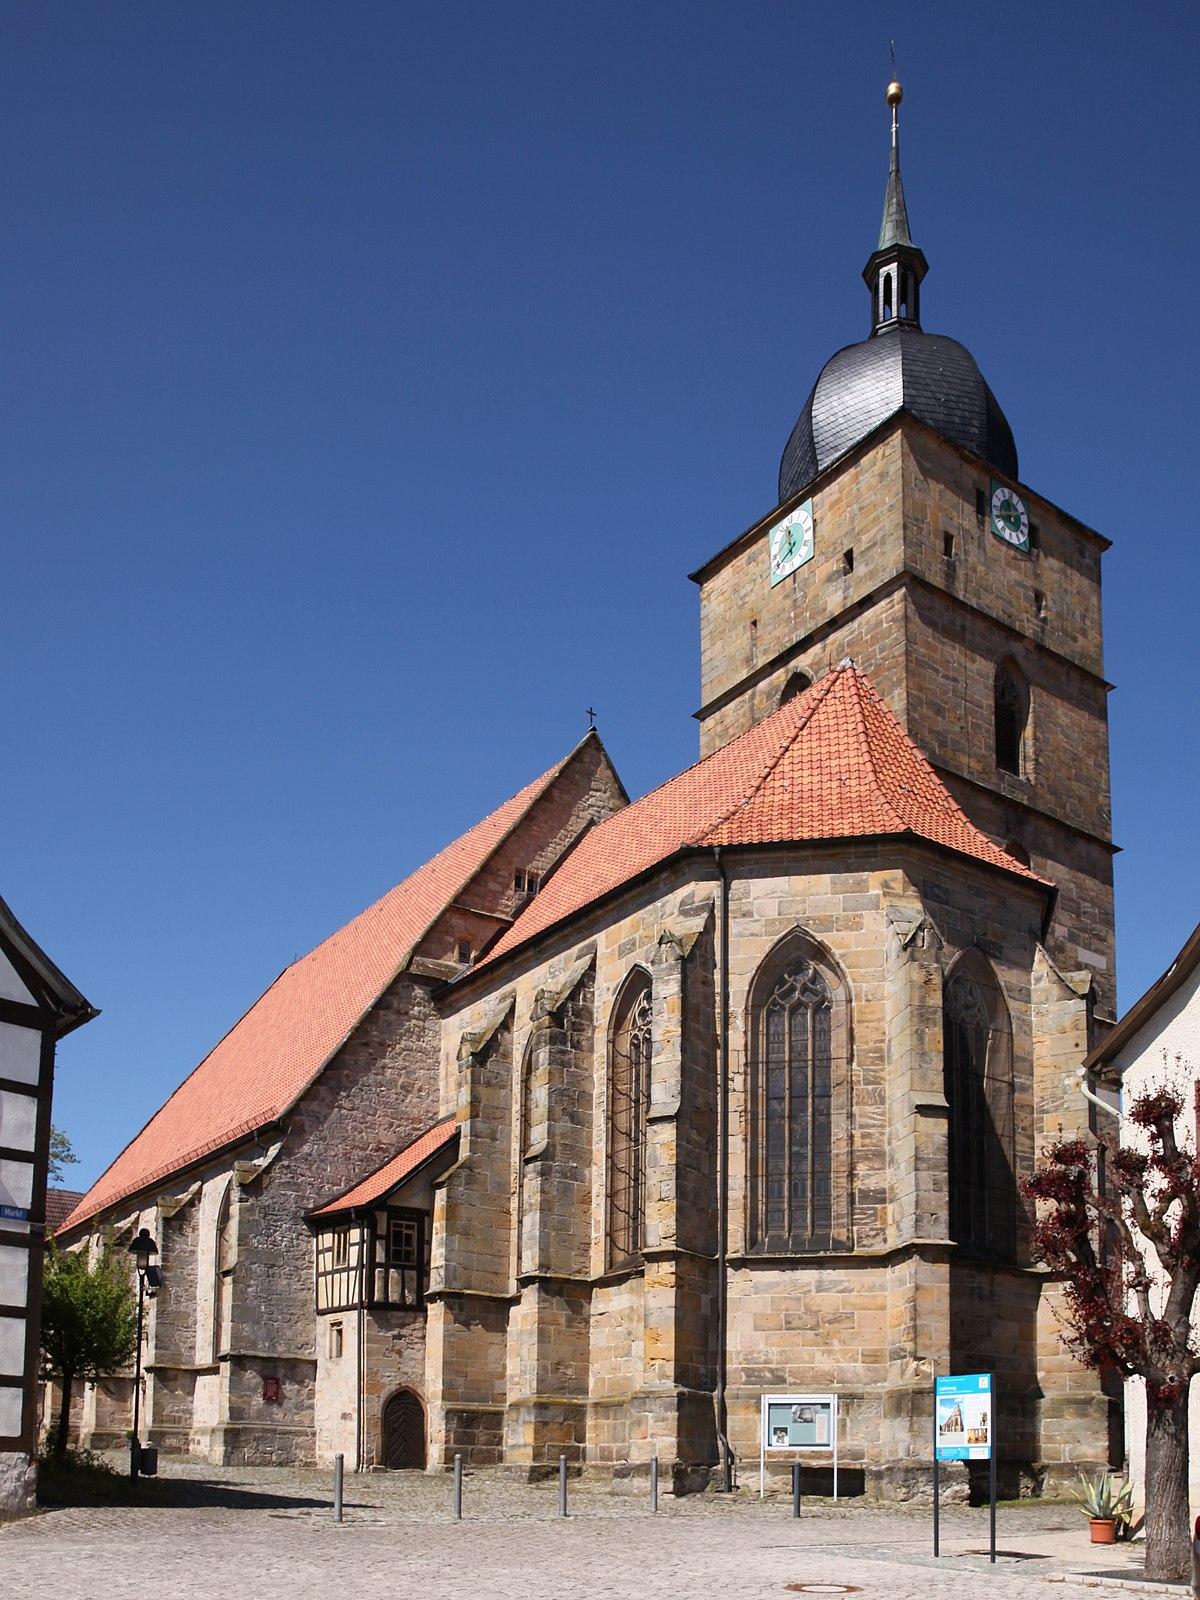 Heldburg – Wikipedia